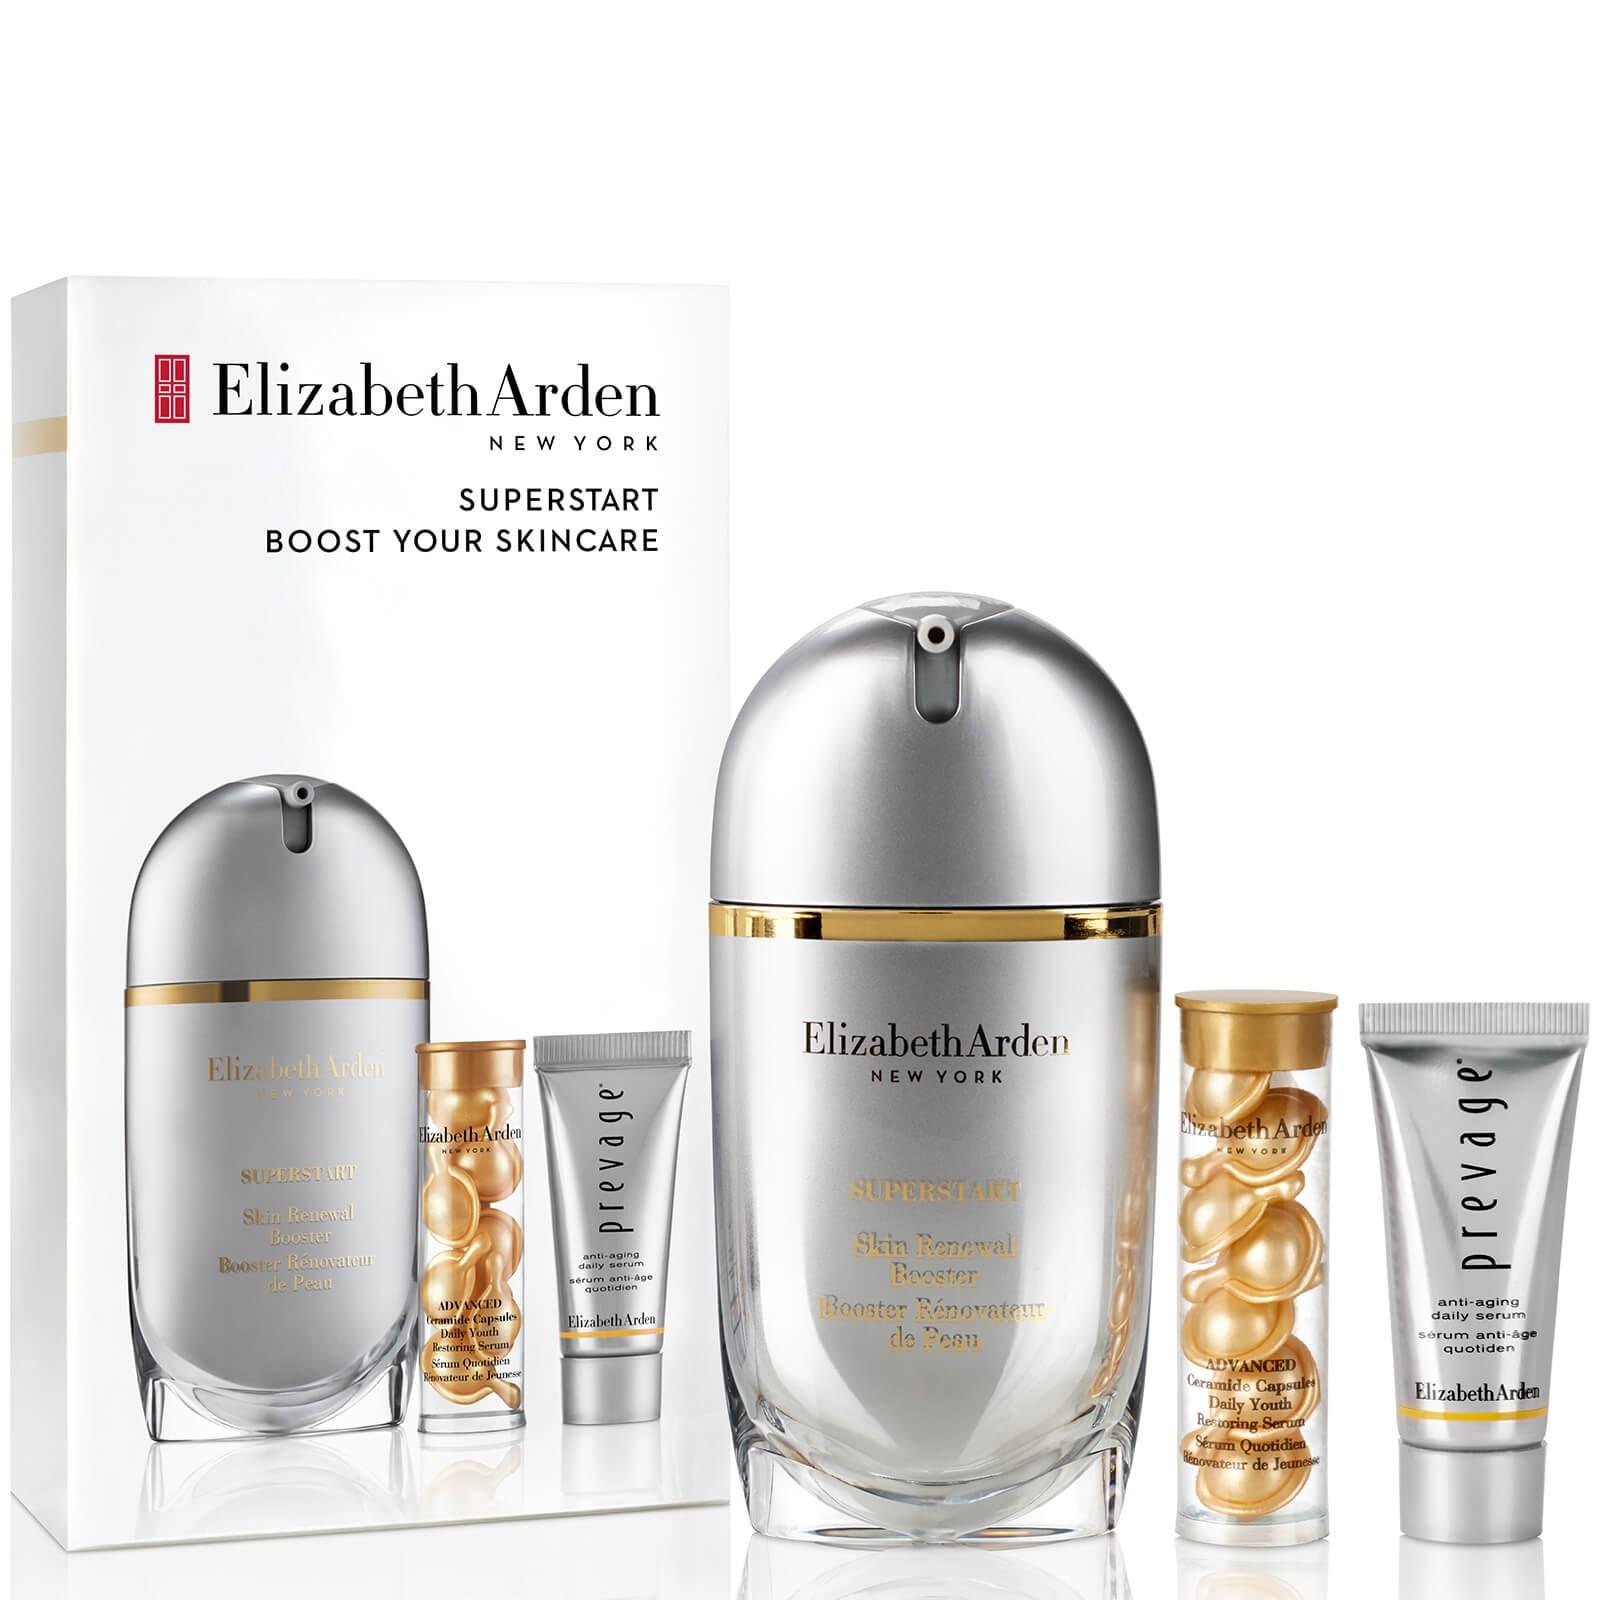 Elizabeth Arden 伊丽莎白·雅顿 奇肌赋活精华液 30ml+橘灿精华5ml+金胶7粒